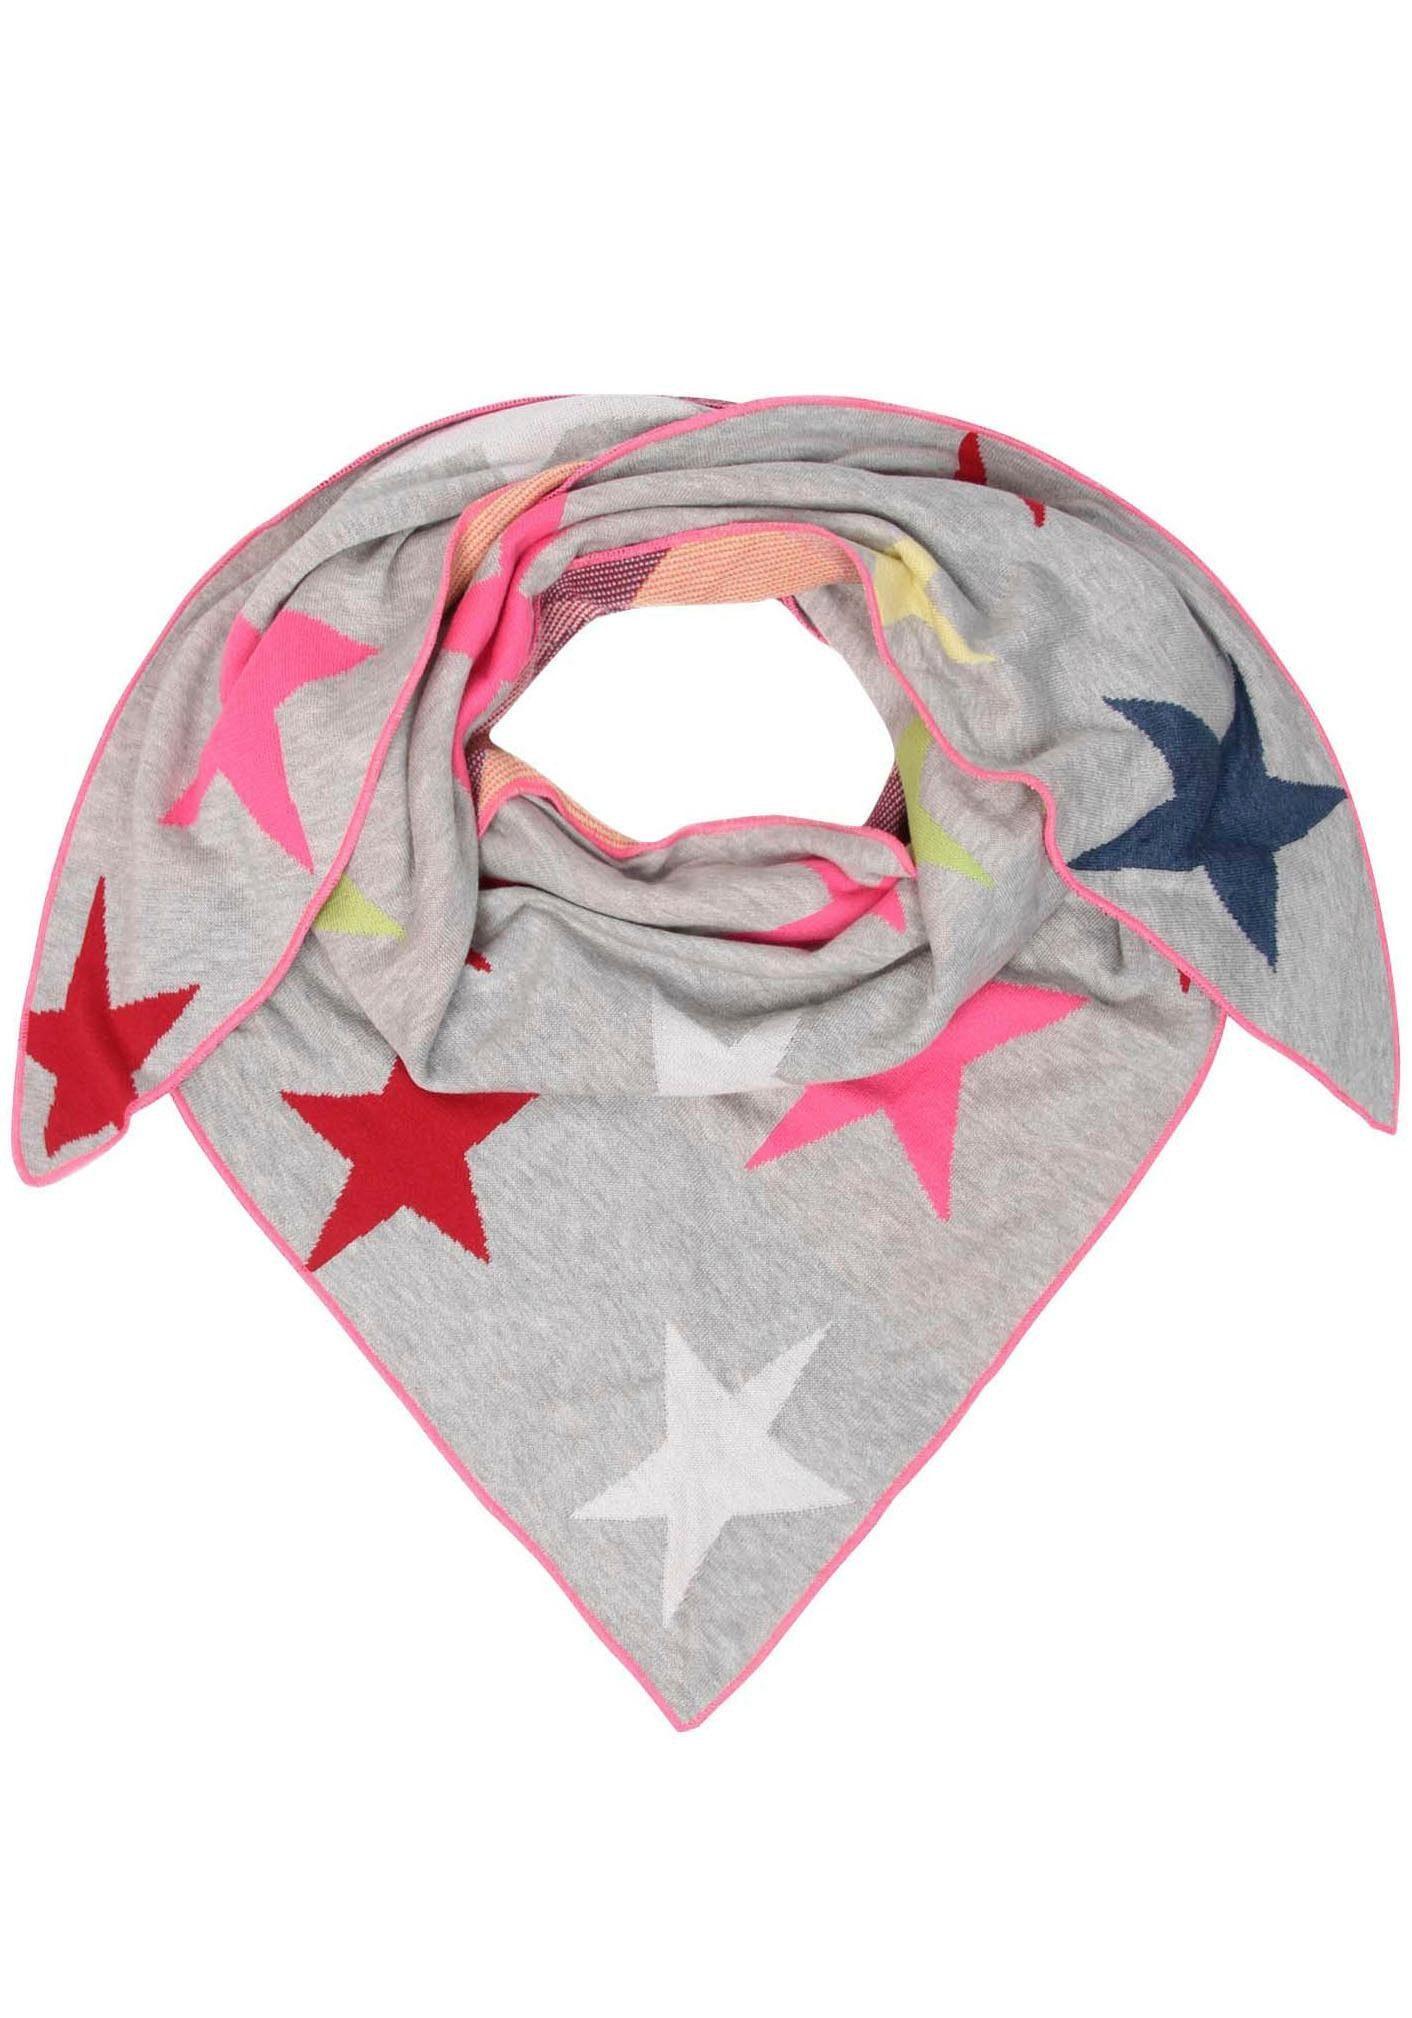 Zwillingsherz Dreieckstuch mit bunten Sternen, mit Baumwolle